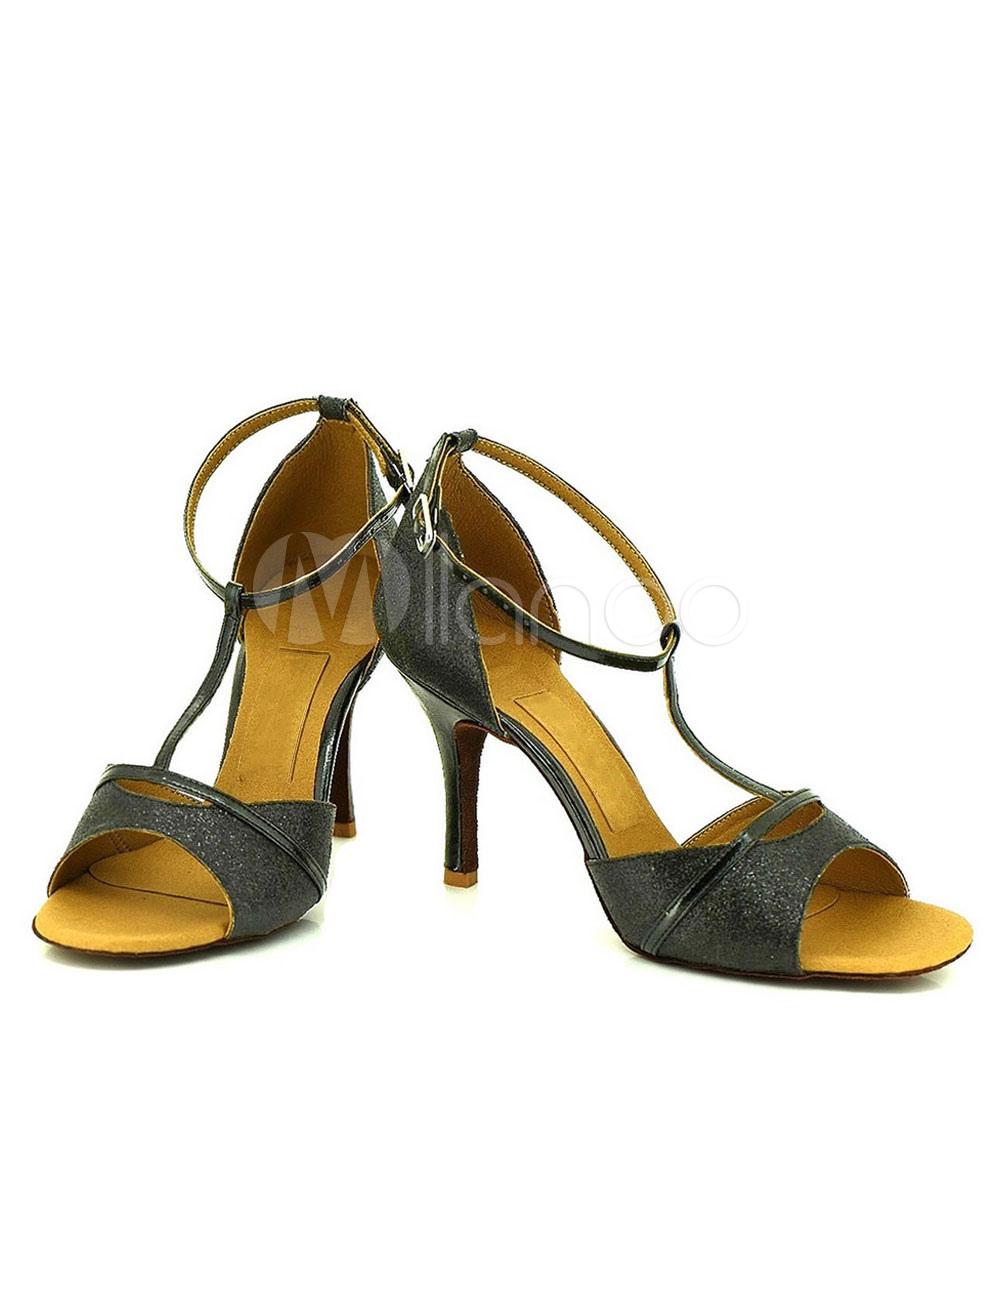 Correa con lentejuelas de brillo danza zapatos mujer zapatos de salón de baile modificado para requisitos particulares YijF5wbf